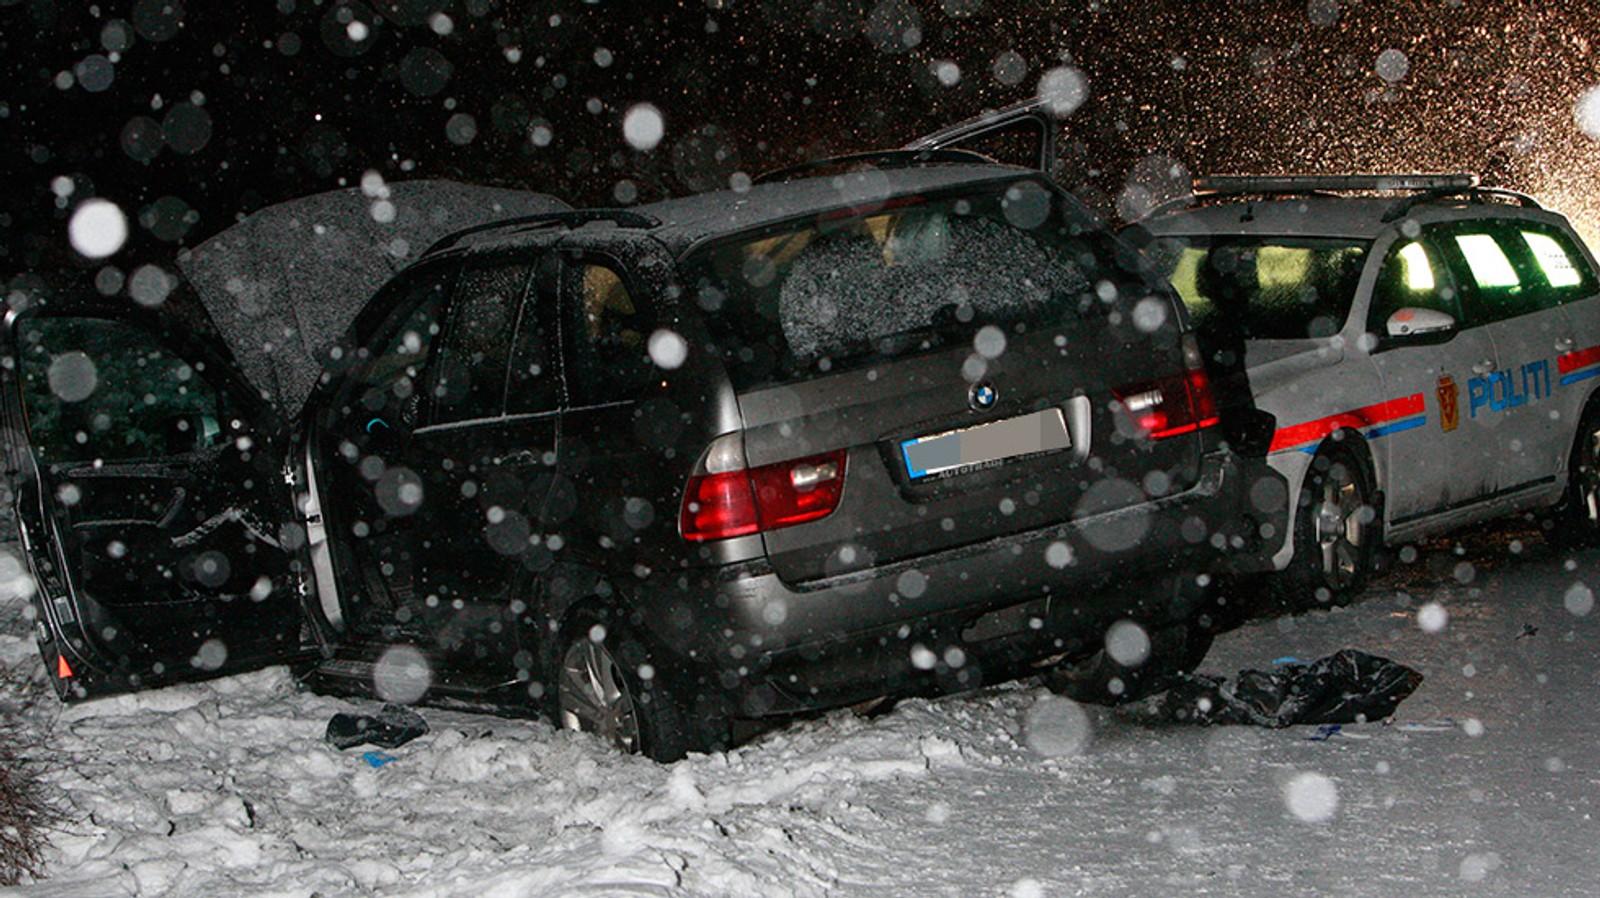 Politibilen klarte ikke å stanse og kjørte inn i bilen den forfulgte.